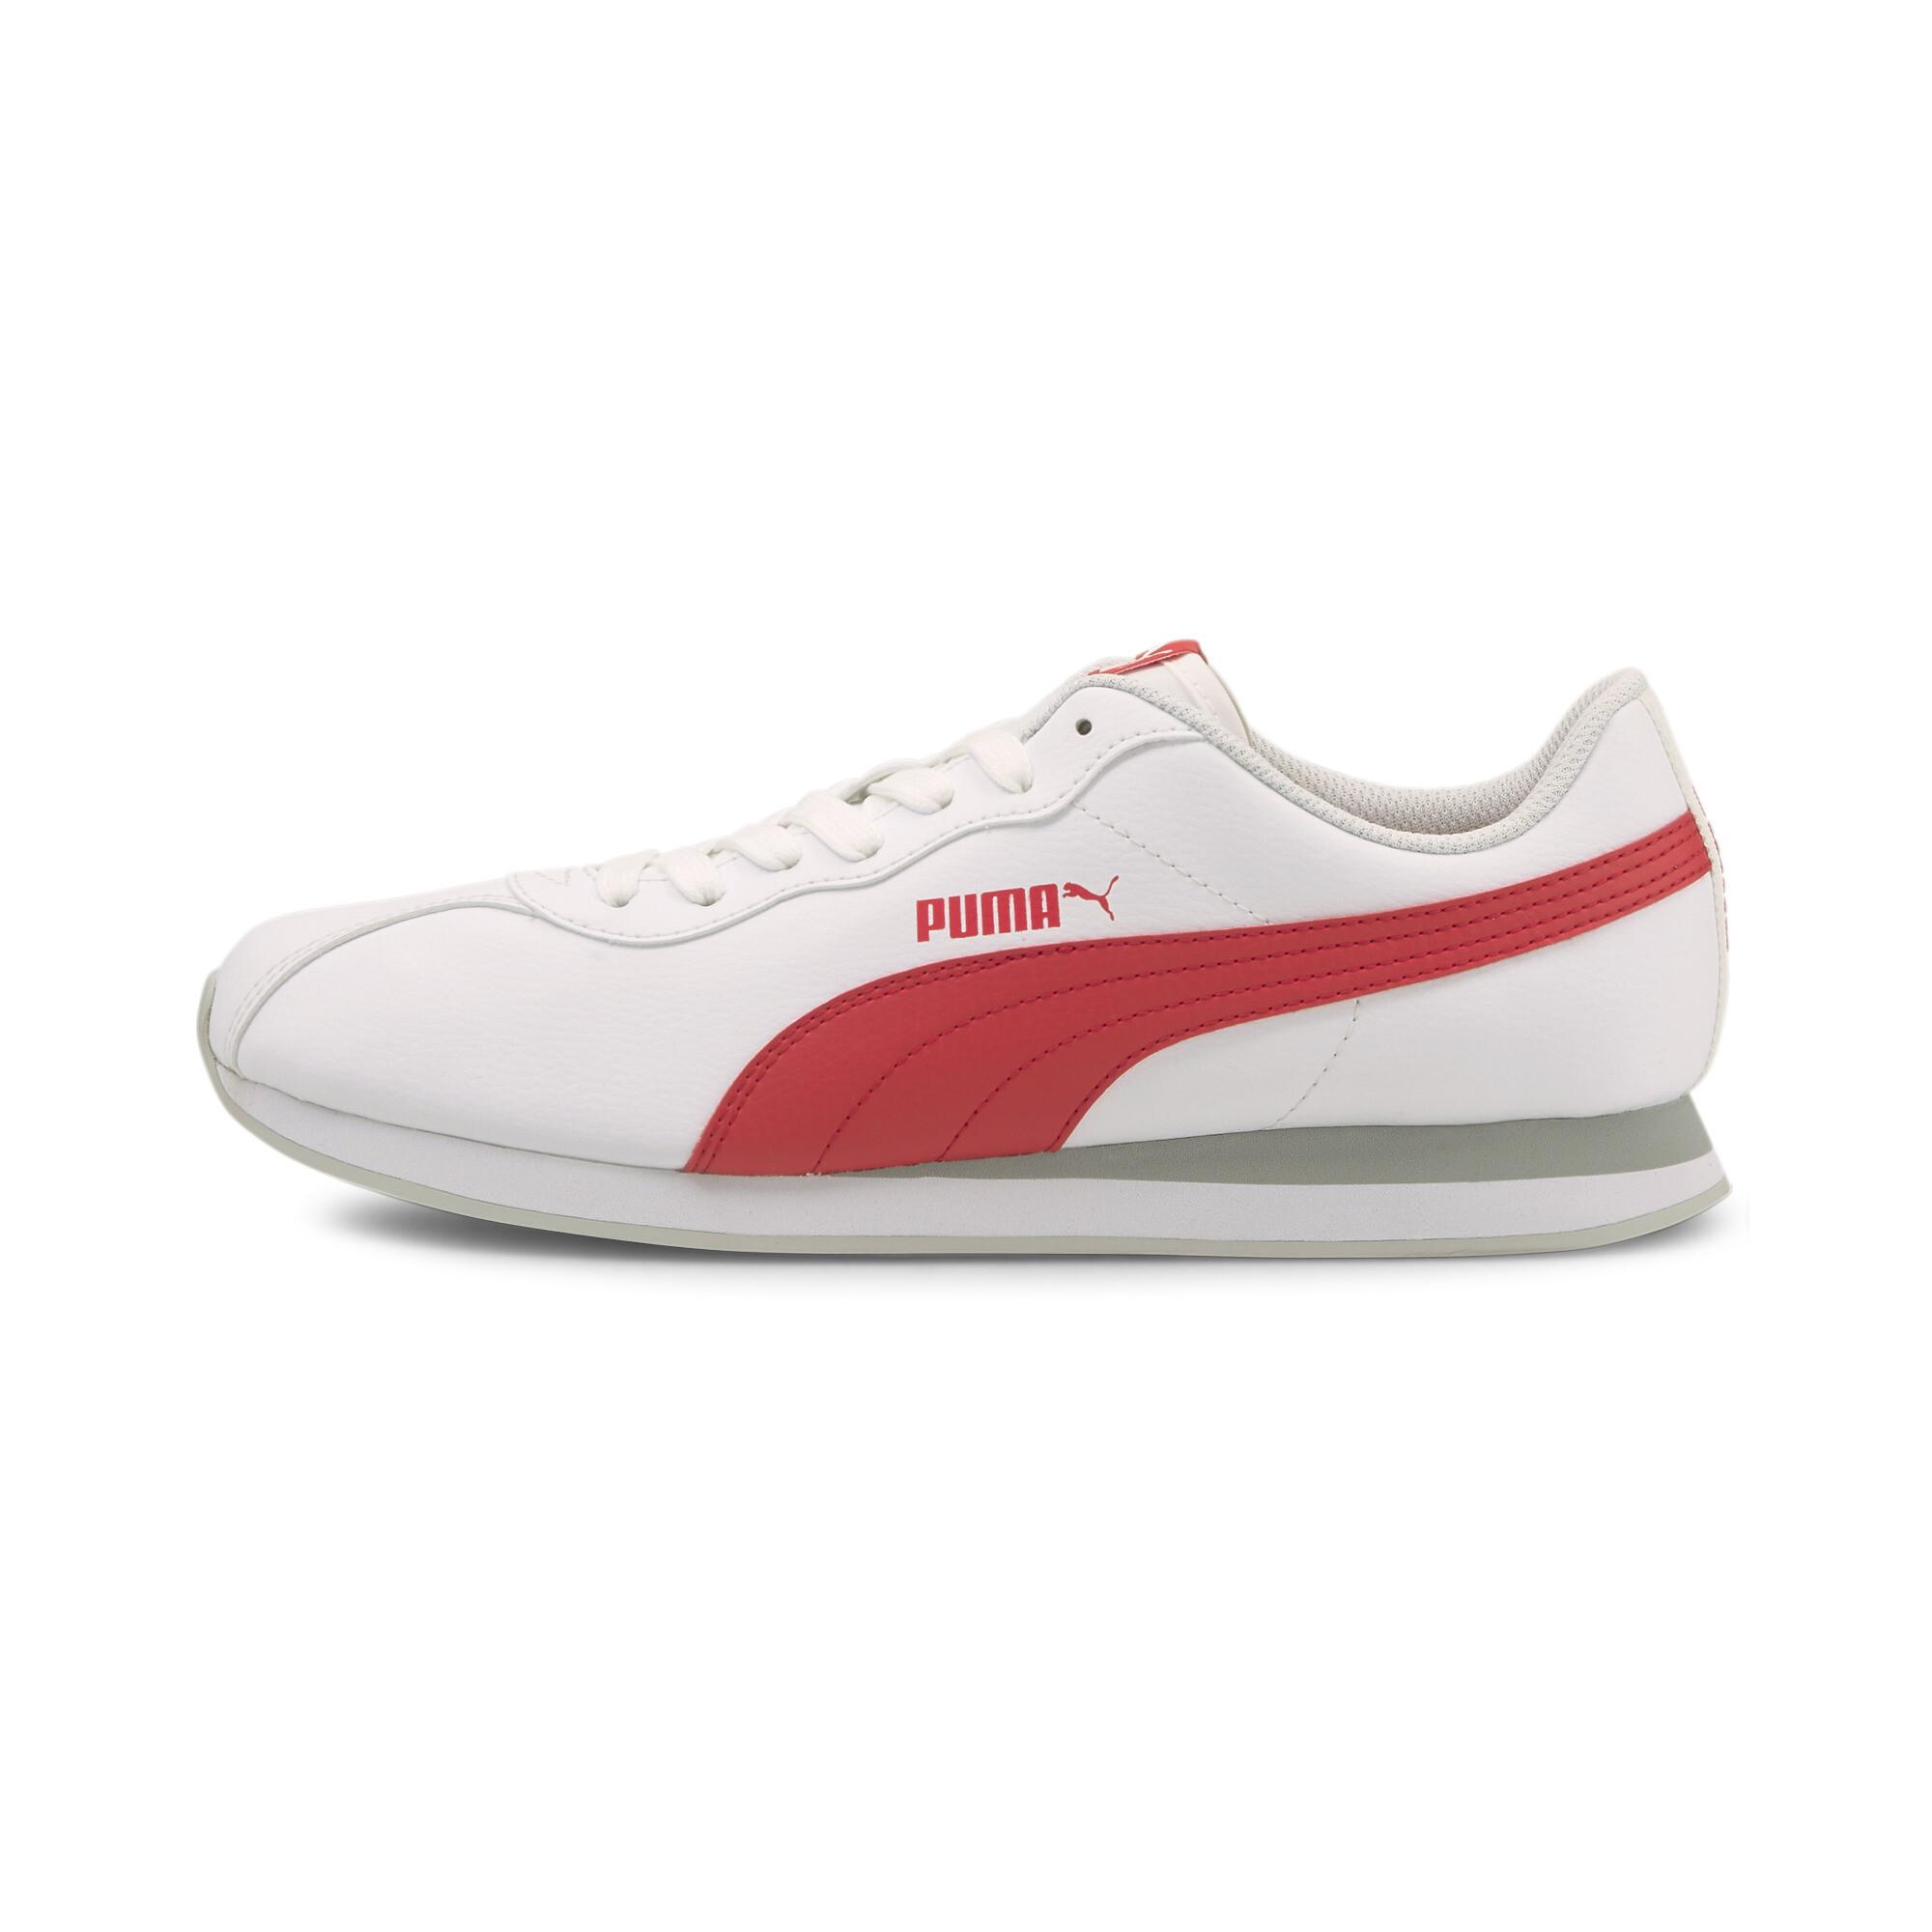 Puma White-Poppy Red